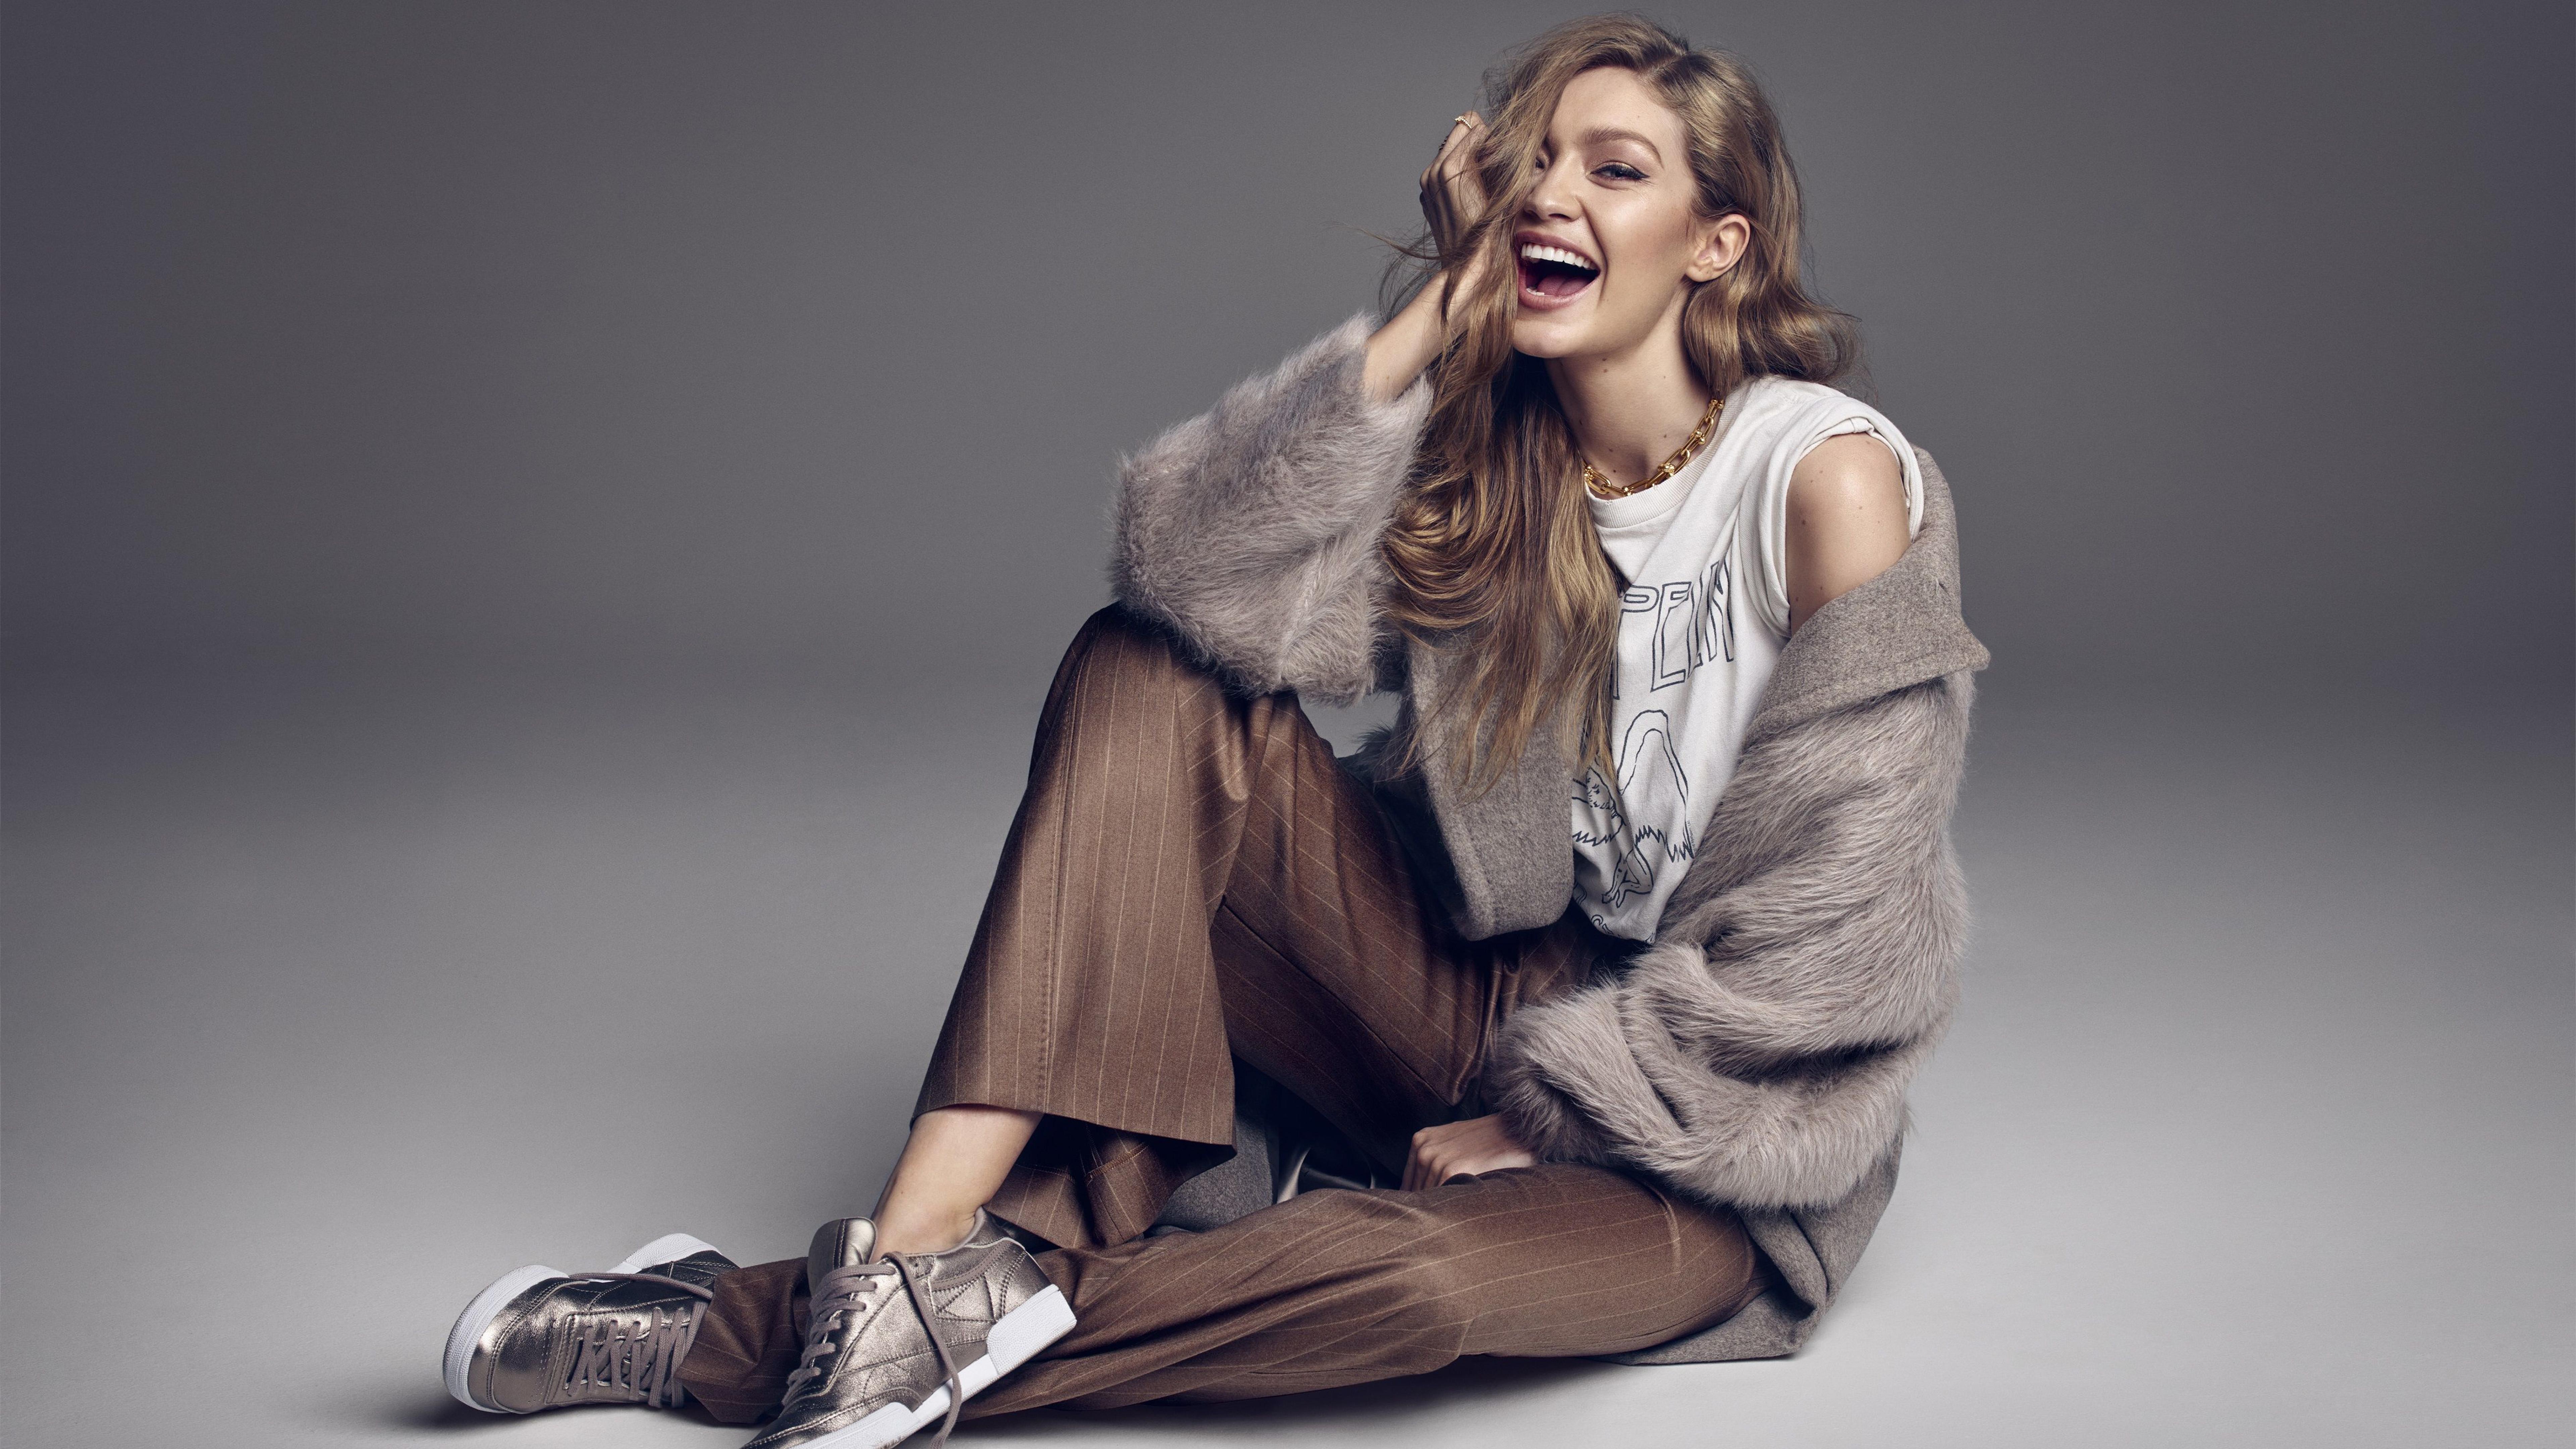 Fondos de pantalla Gigi Hadid sonriendo en sesión de fotos